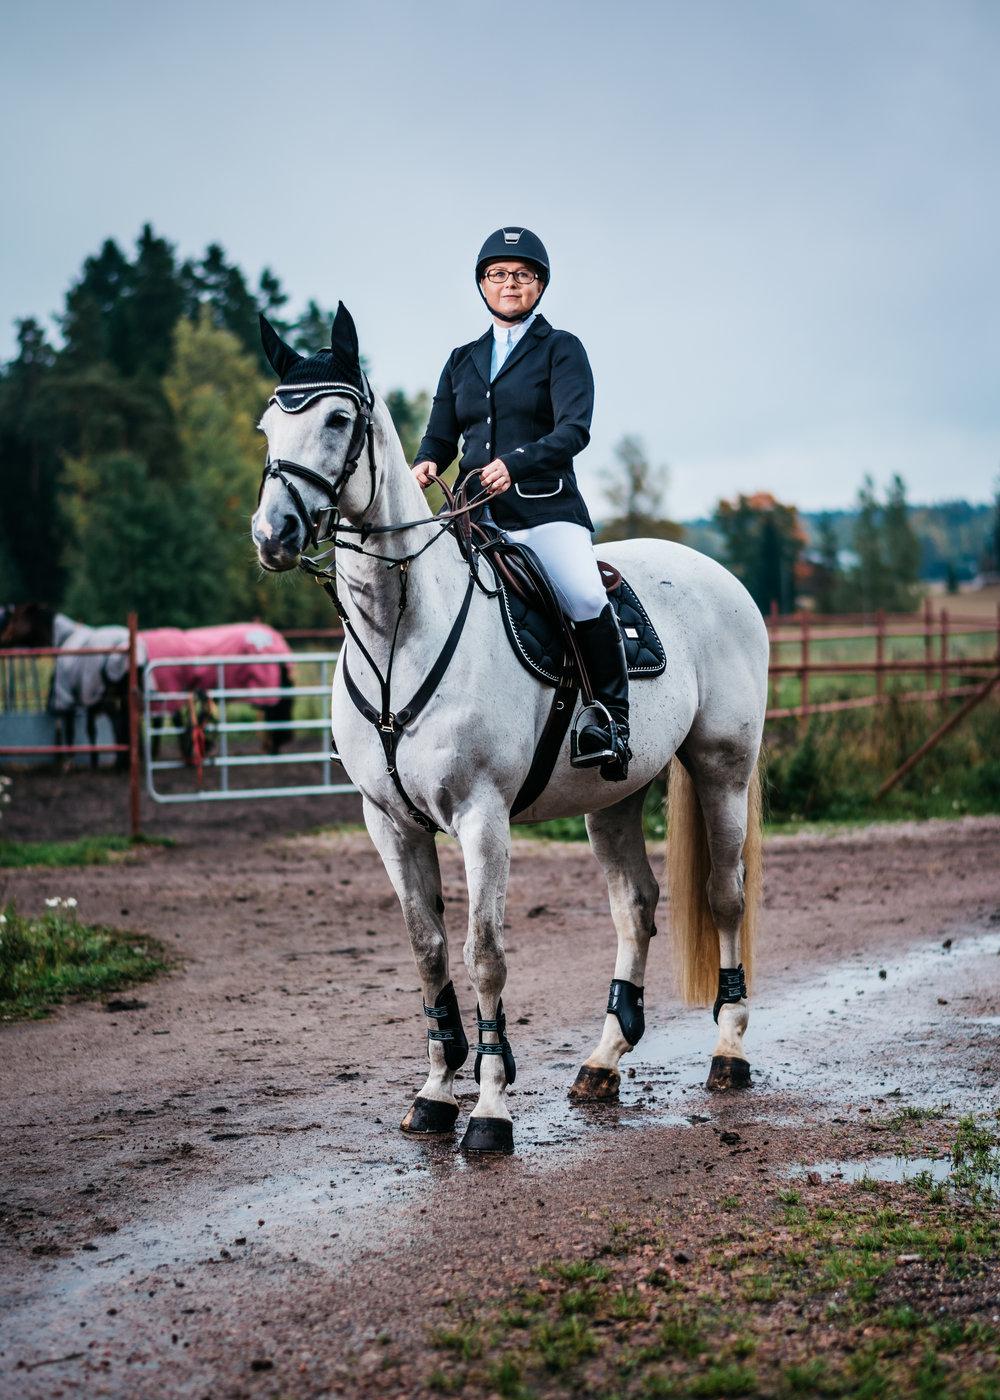 """Susanna Metsäaho, 39, ratsastus:  """"Joka päivä töiden jälkeen ajan suoraan tallille. Siellä tulee vietettyä aikaa lähes toisen työpäivän verran, sillä olen kotona yhdeksältä tai puoli kymmeneltä. Viisi vuotta sitten täytin elämääni työllä. Olen tehnyt pankissa pitkän uran, mutta vuonna 2013 otin opintovapaata ja lähdin opiskelemaan Ypäjälle hevosenhoitajaksi. Vaikka palasin sittemmin vanhaan työhöni, irtiotto muutti ajatusmaailmaani. Ryhdyin ajattelemaan, että elämässä pitää olla muutakin tärkeää kuin työ.  Jo tallille ajaessani mielessäni tapahtuu siirtymä, ja työasiat unohtuvat kokonaan. Hevosen kanssa puuhastellessani minua ei paina mikään. Sulkeudun omaan kuplaani, ja oloni on täysin stressitön. Olen kokeillut vaikka mitä lajeja sukelluksesta, juoksusta ja kickboxingista lähtien. Mistään en ole saanut sellaista fiilistä kuin ratsastuksesta. Luulisin sen johtuvan siitä, että tässä lajissa ei ole kyse vain minusta vaan myös hevosesta. Hevonen aisti heti, jos minulla huono päivä. Kaikkea ei pysty kontrolloimaan, ja se viehättää."""""""